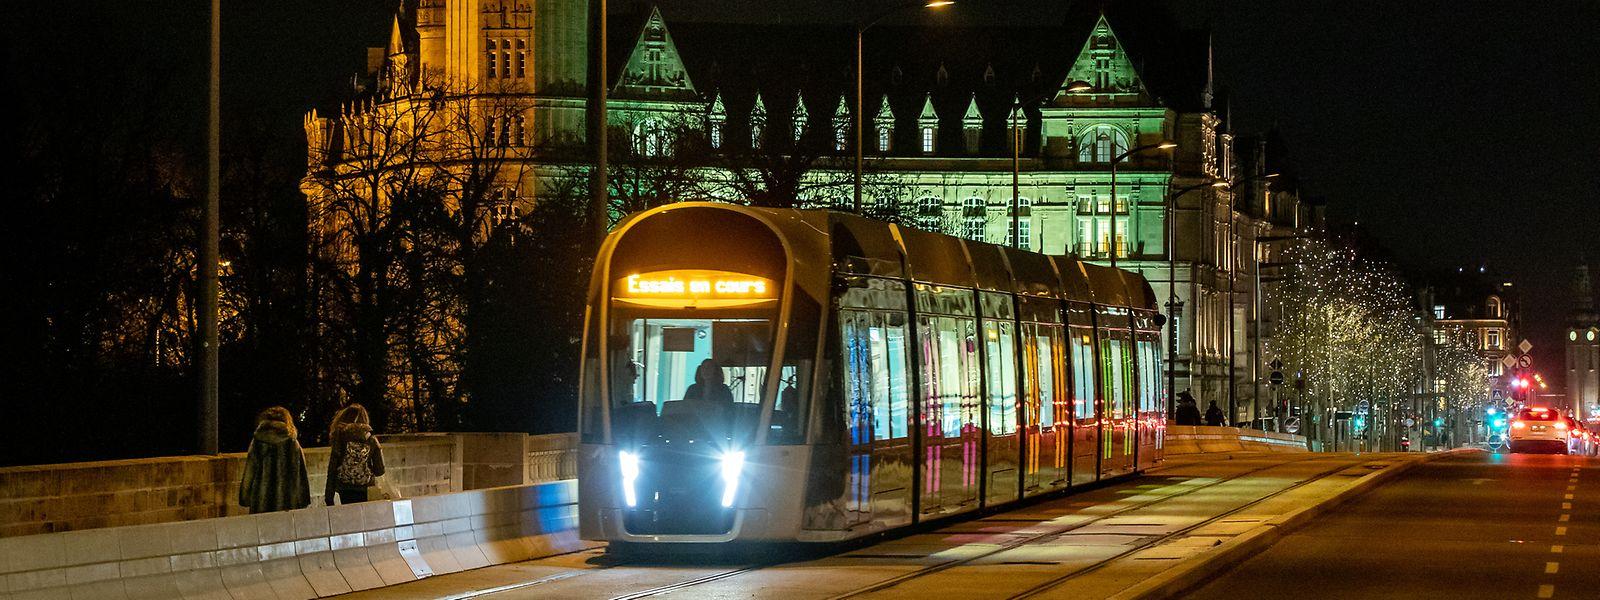 Circuler dans les rues, compris en tram, ne peut plus se faire de nuit sans pouvoir justifier d'un motif de sortie avant 6h du matin.